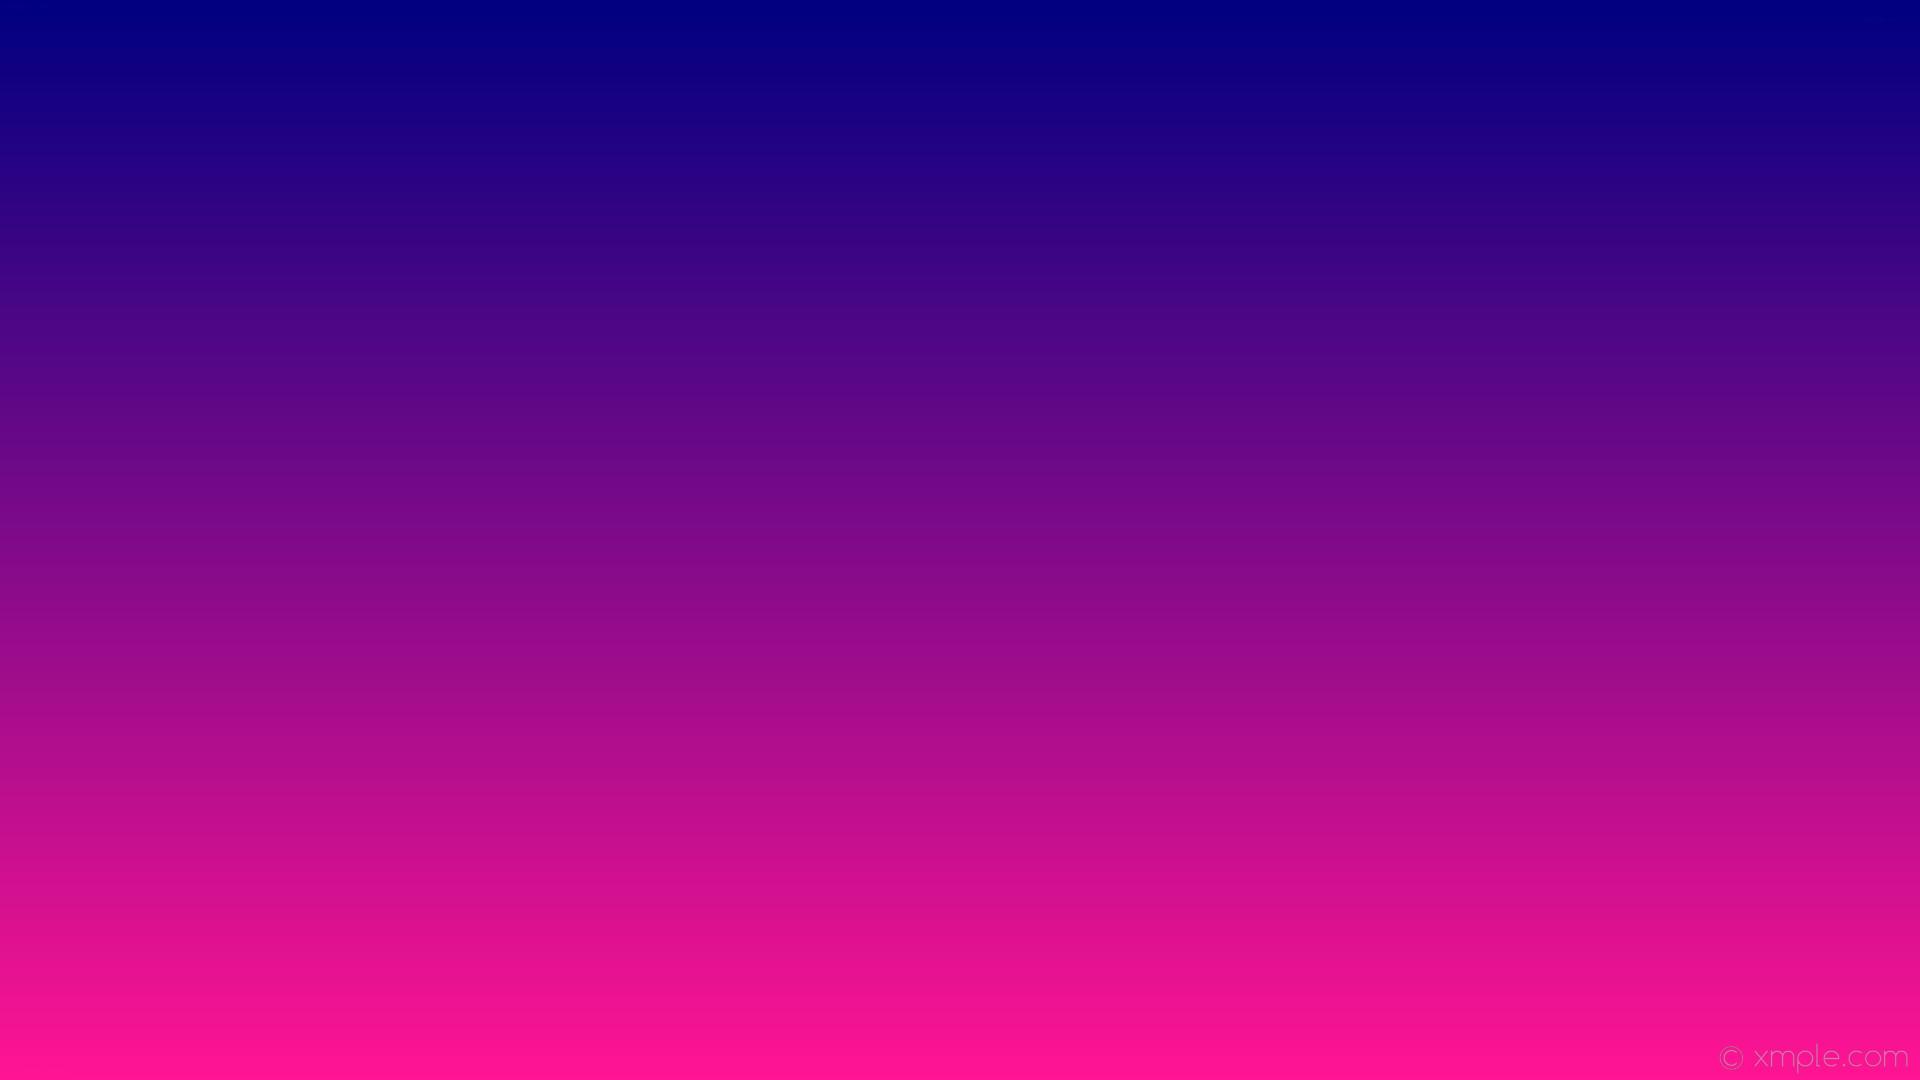 wallpaper blue pink gradient linear navy deep pink #000080 #ff1493 90°